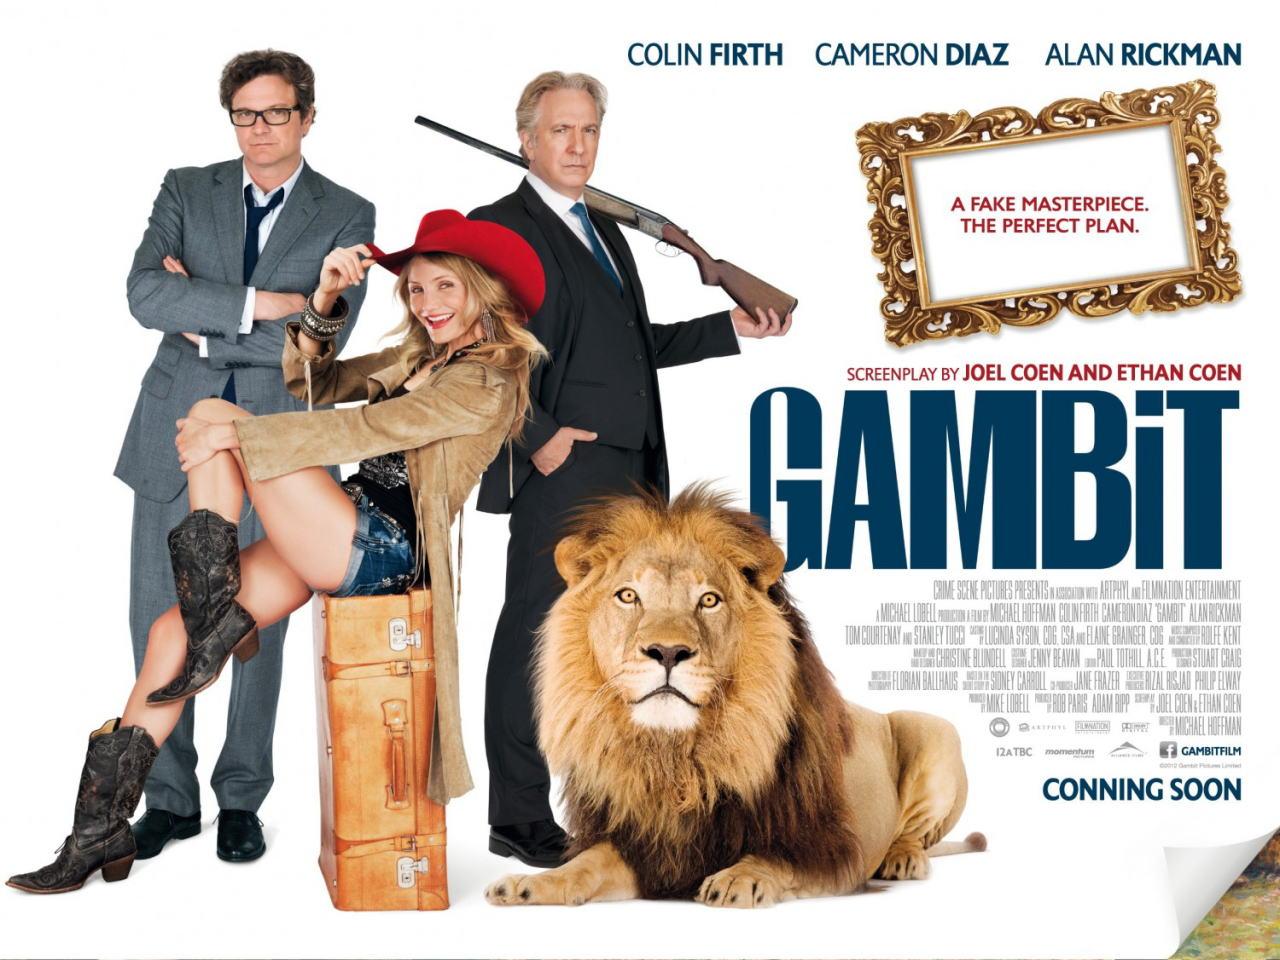 映画『モネ・ゲーム (2012) GAMBIT』ポスター(7)▼ポスター画像クリックで拡大します。